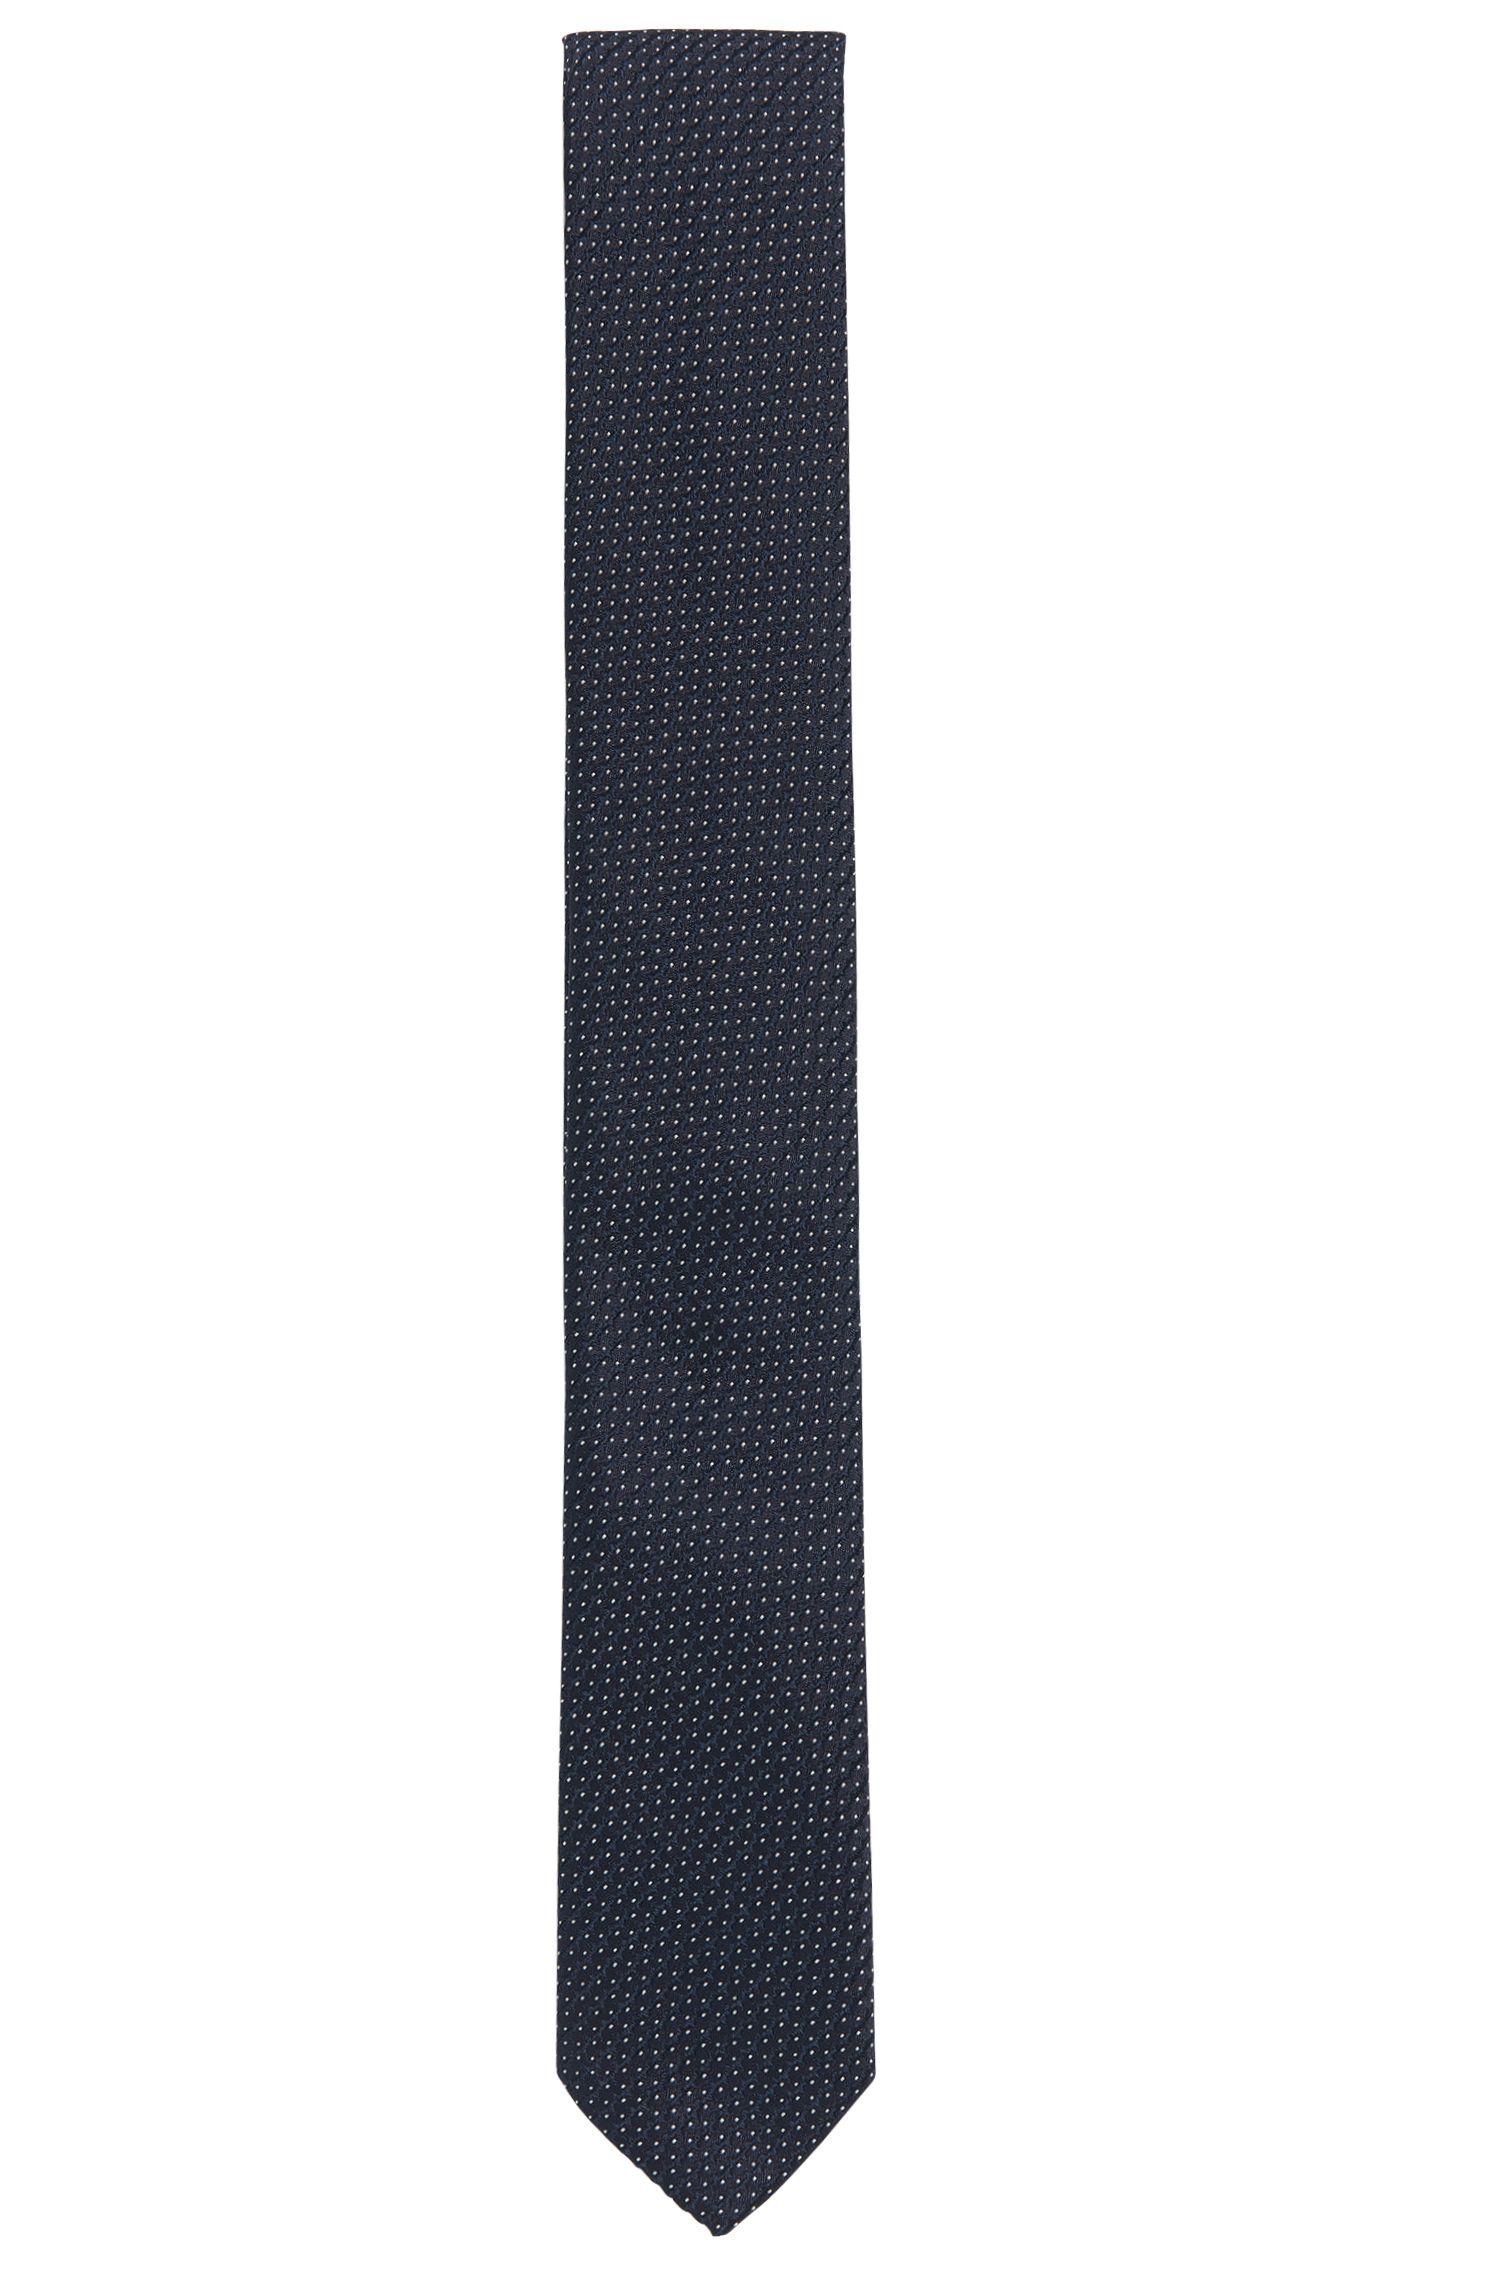 Corbata de jacquard en seda con patrón de efecto 3D